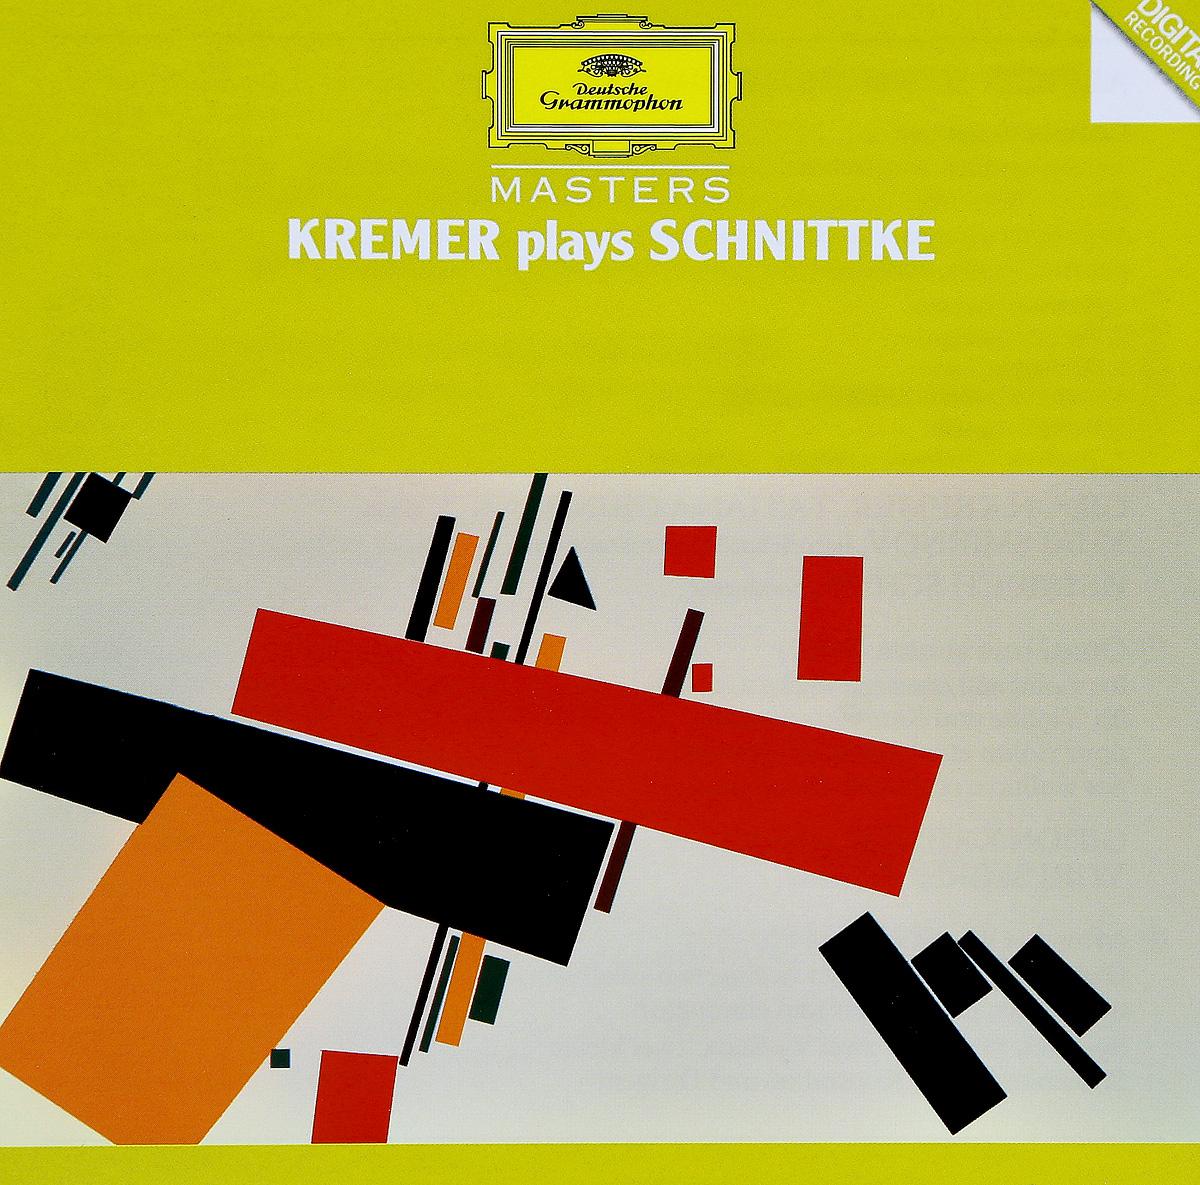 К изданию прилагается 4-страничный буклет с дополнительной информацией на немецком языке.